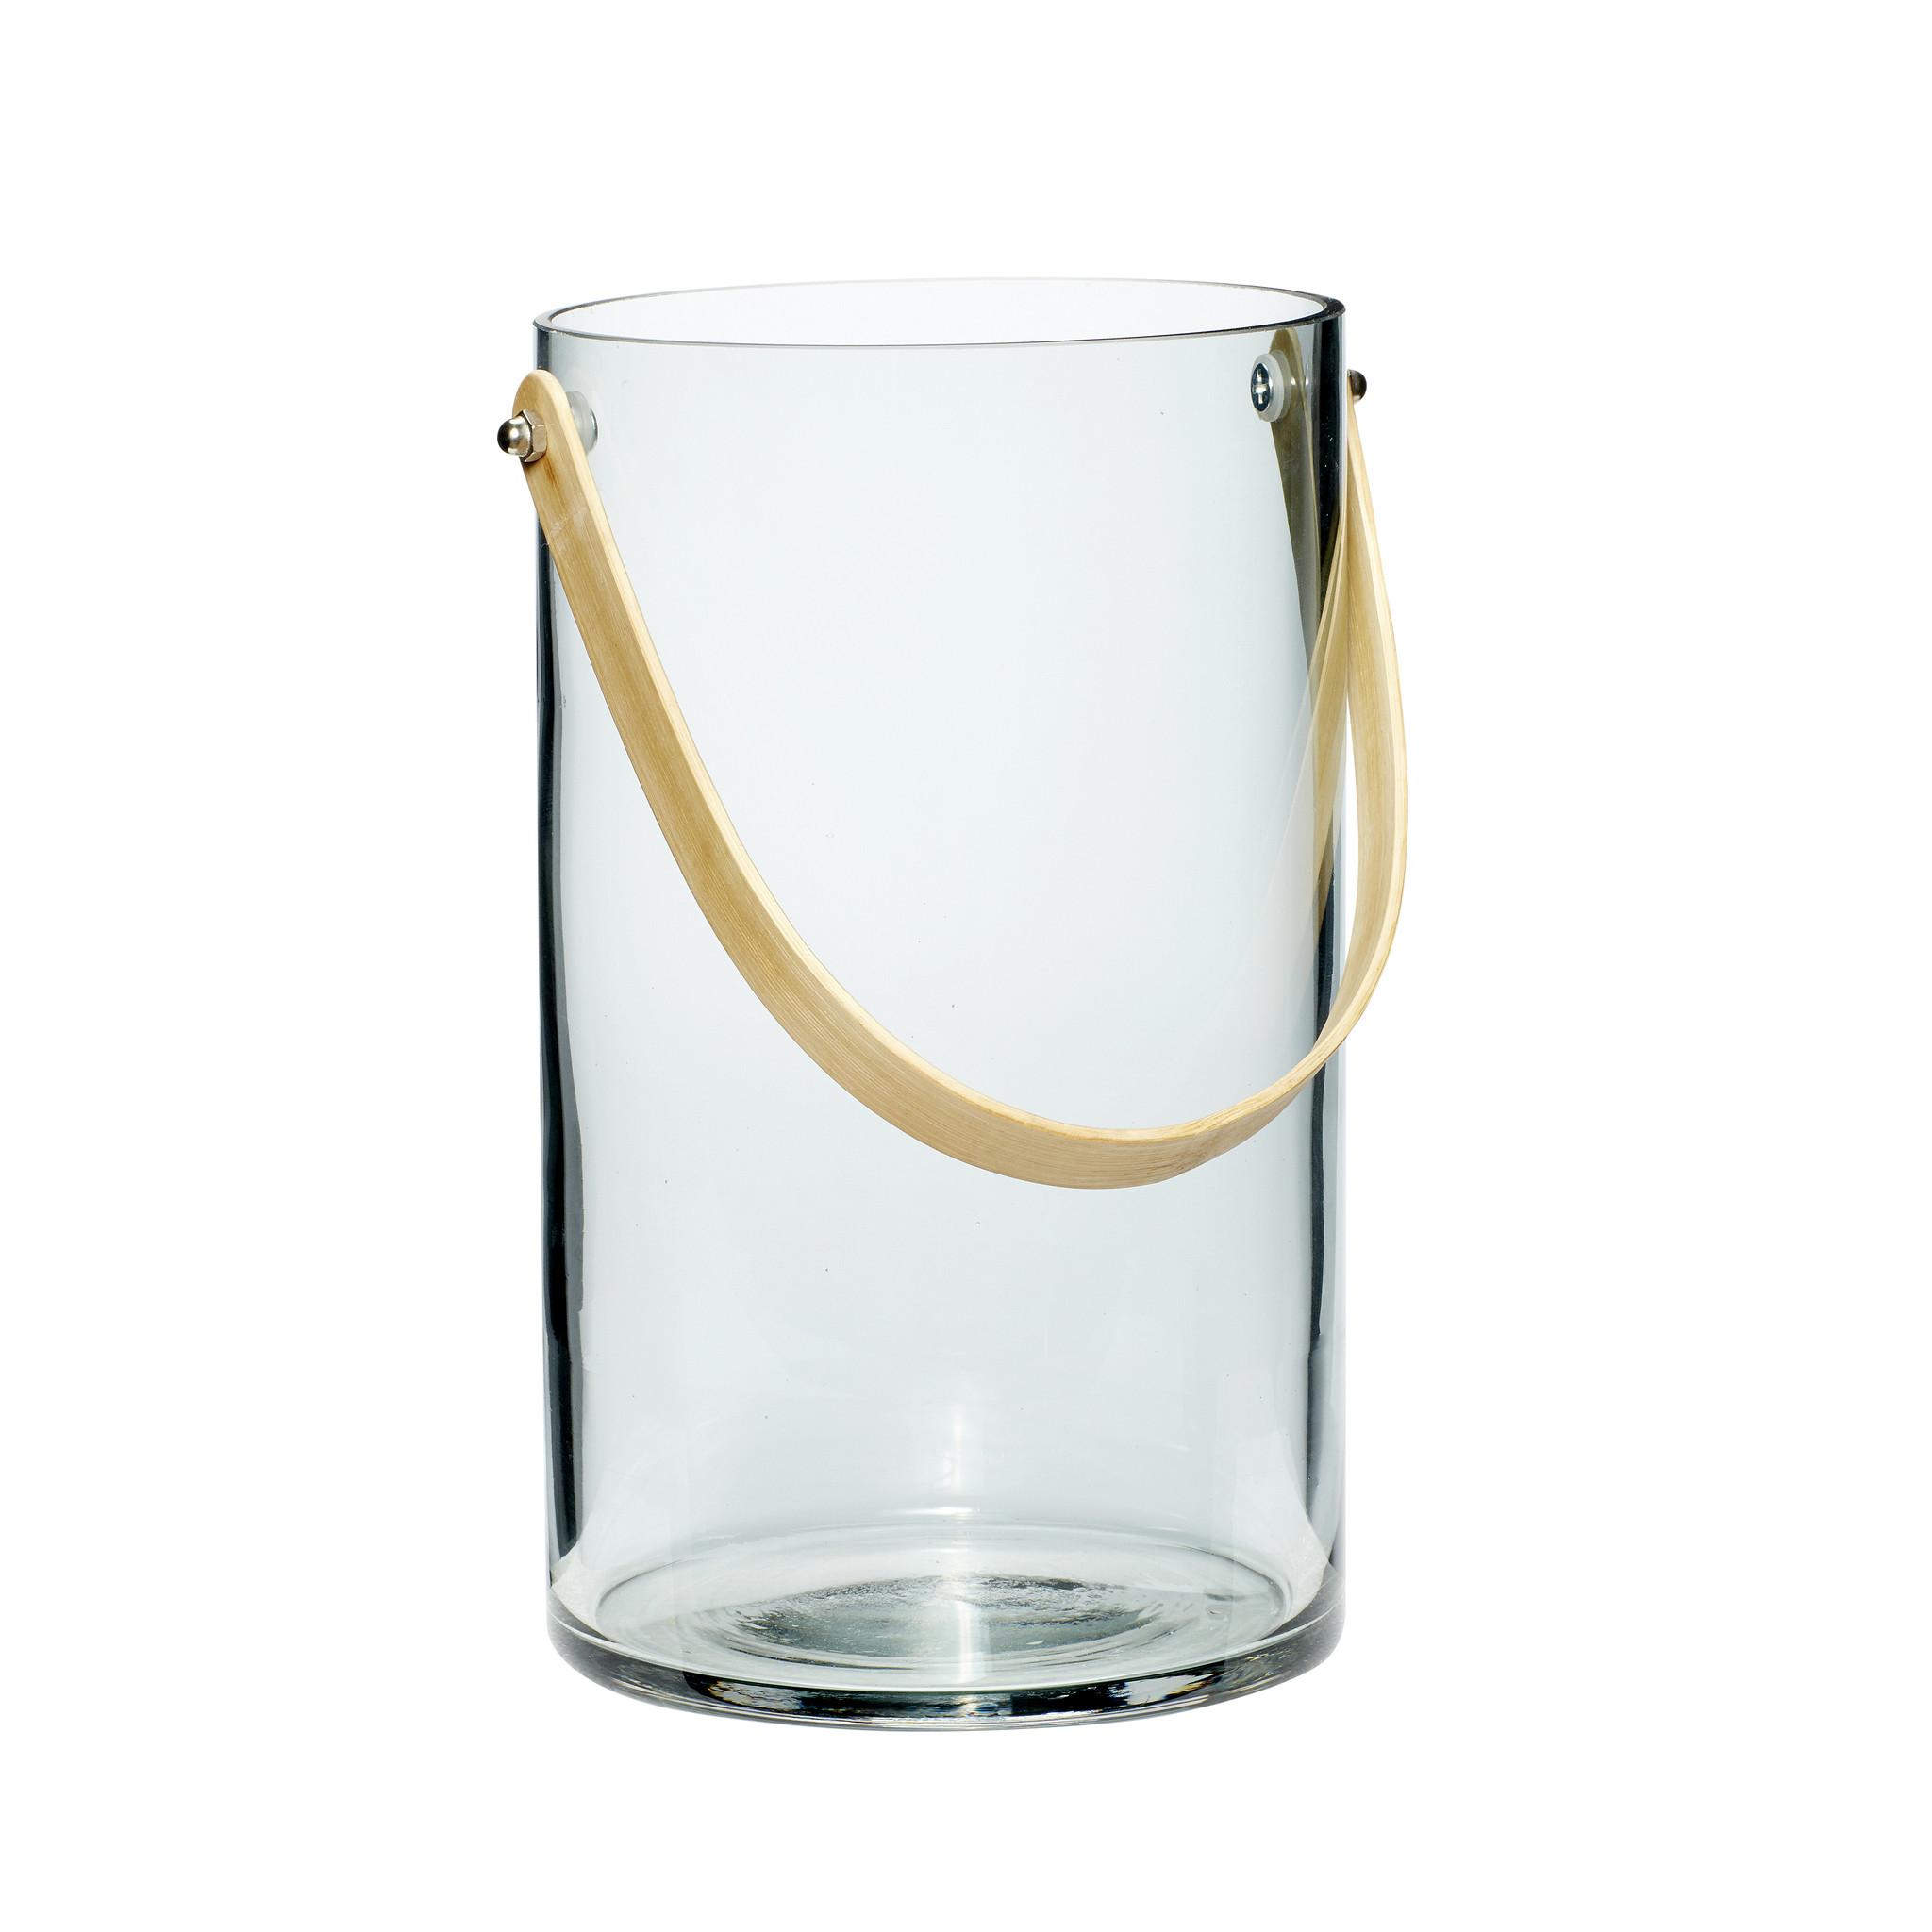 Hubsch Vaas met handvat, glaset van bamboe, blauw-950212-5712772053843